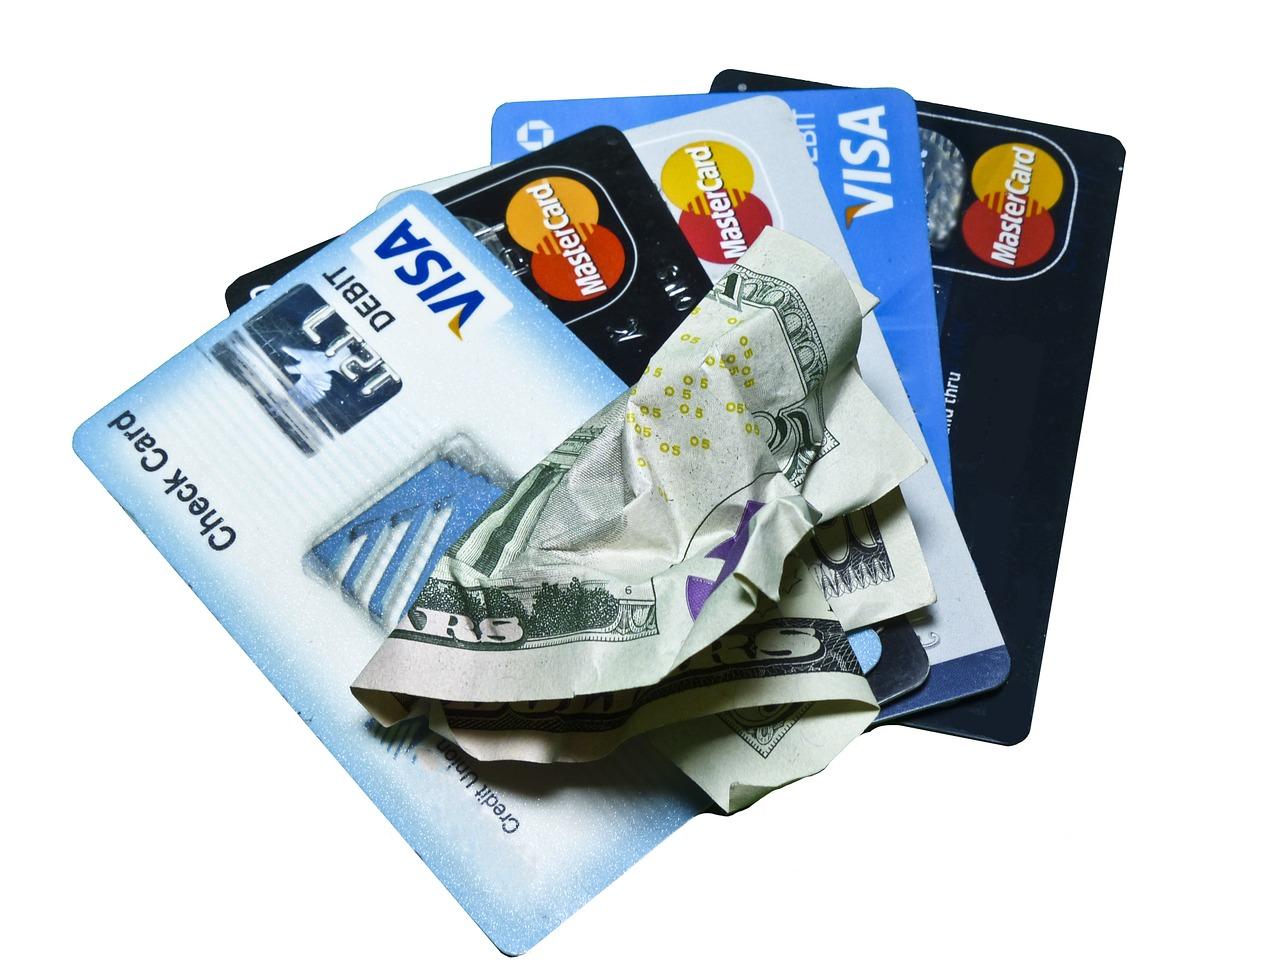 消費者金融やカードローンの借金は審査に影響する